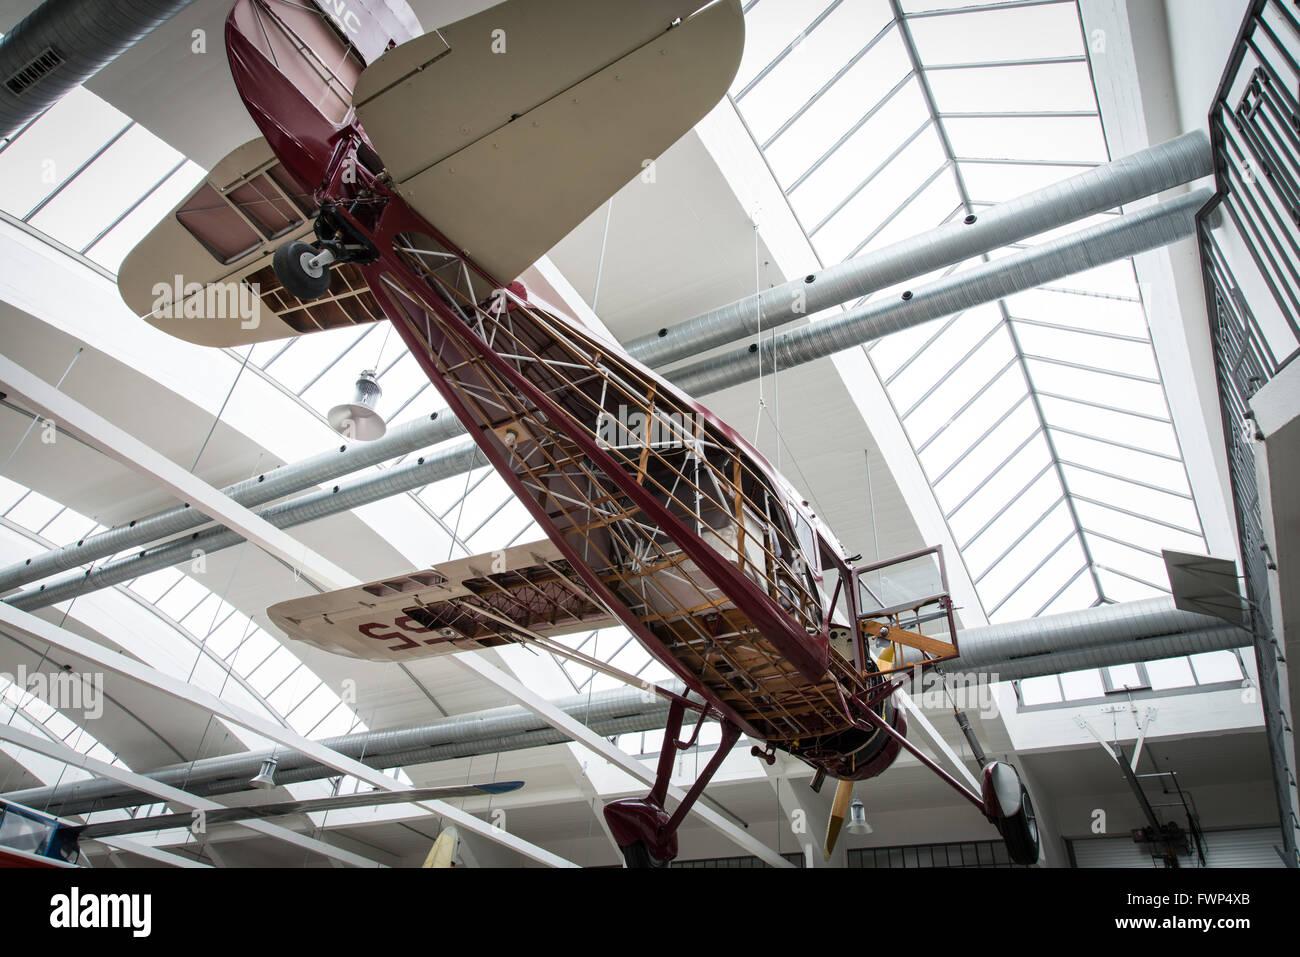 München, Deutschland. 8. Oktober 2014. Das Deutsche Museum Flugwerft ...